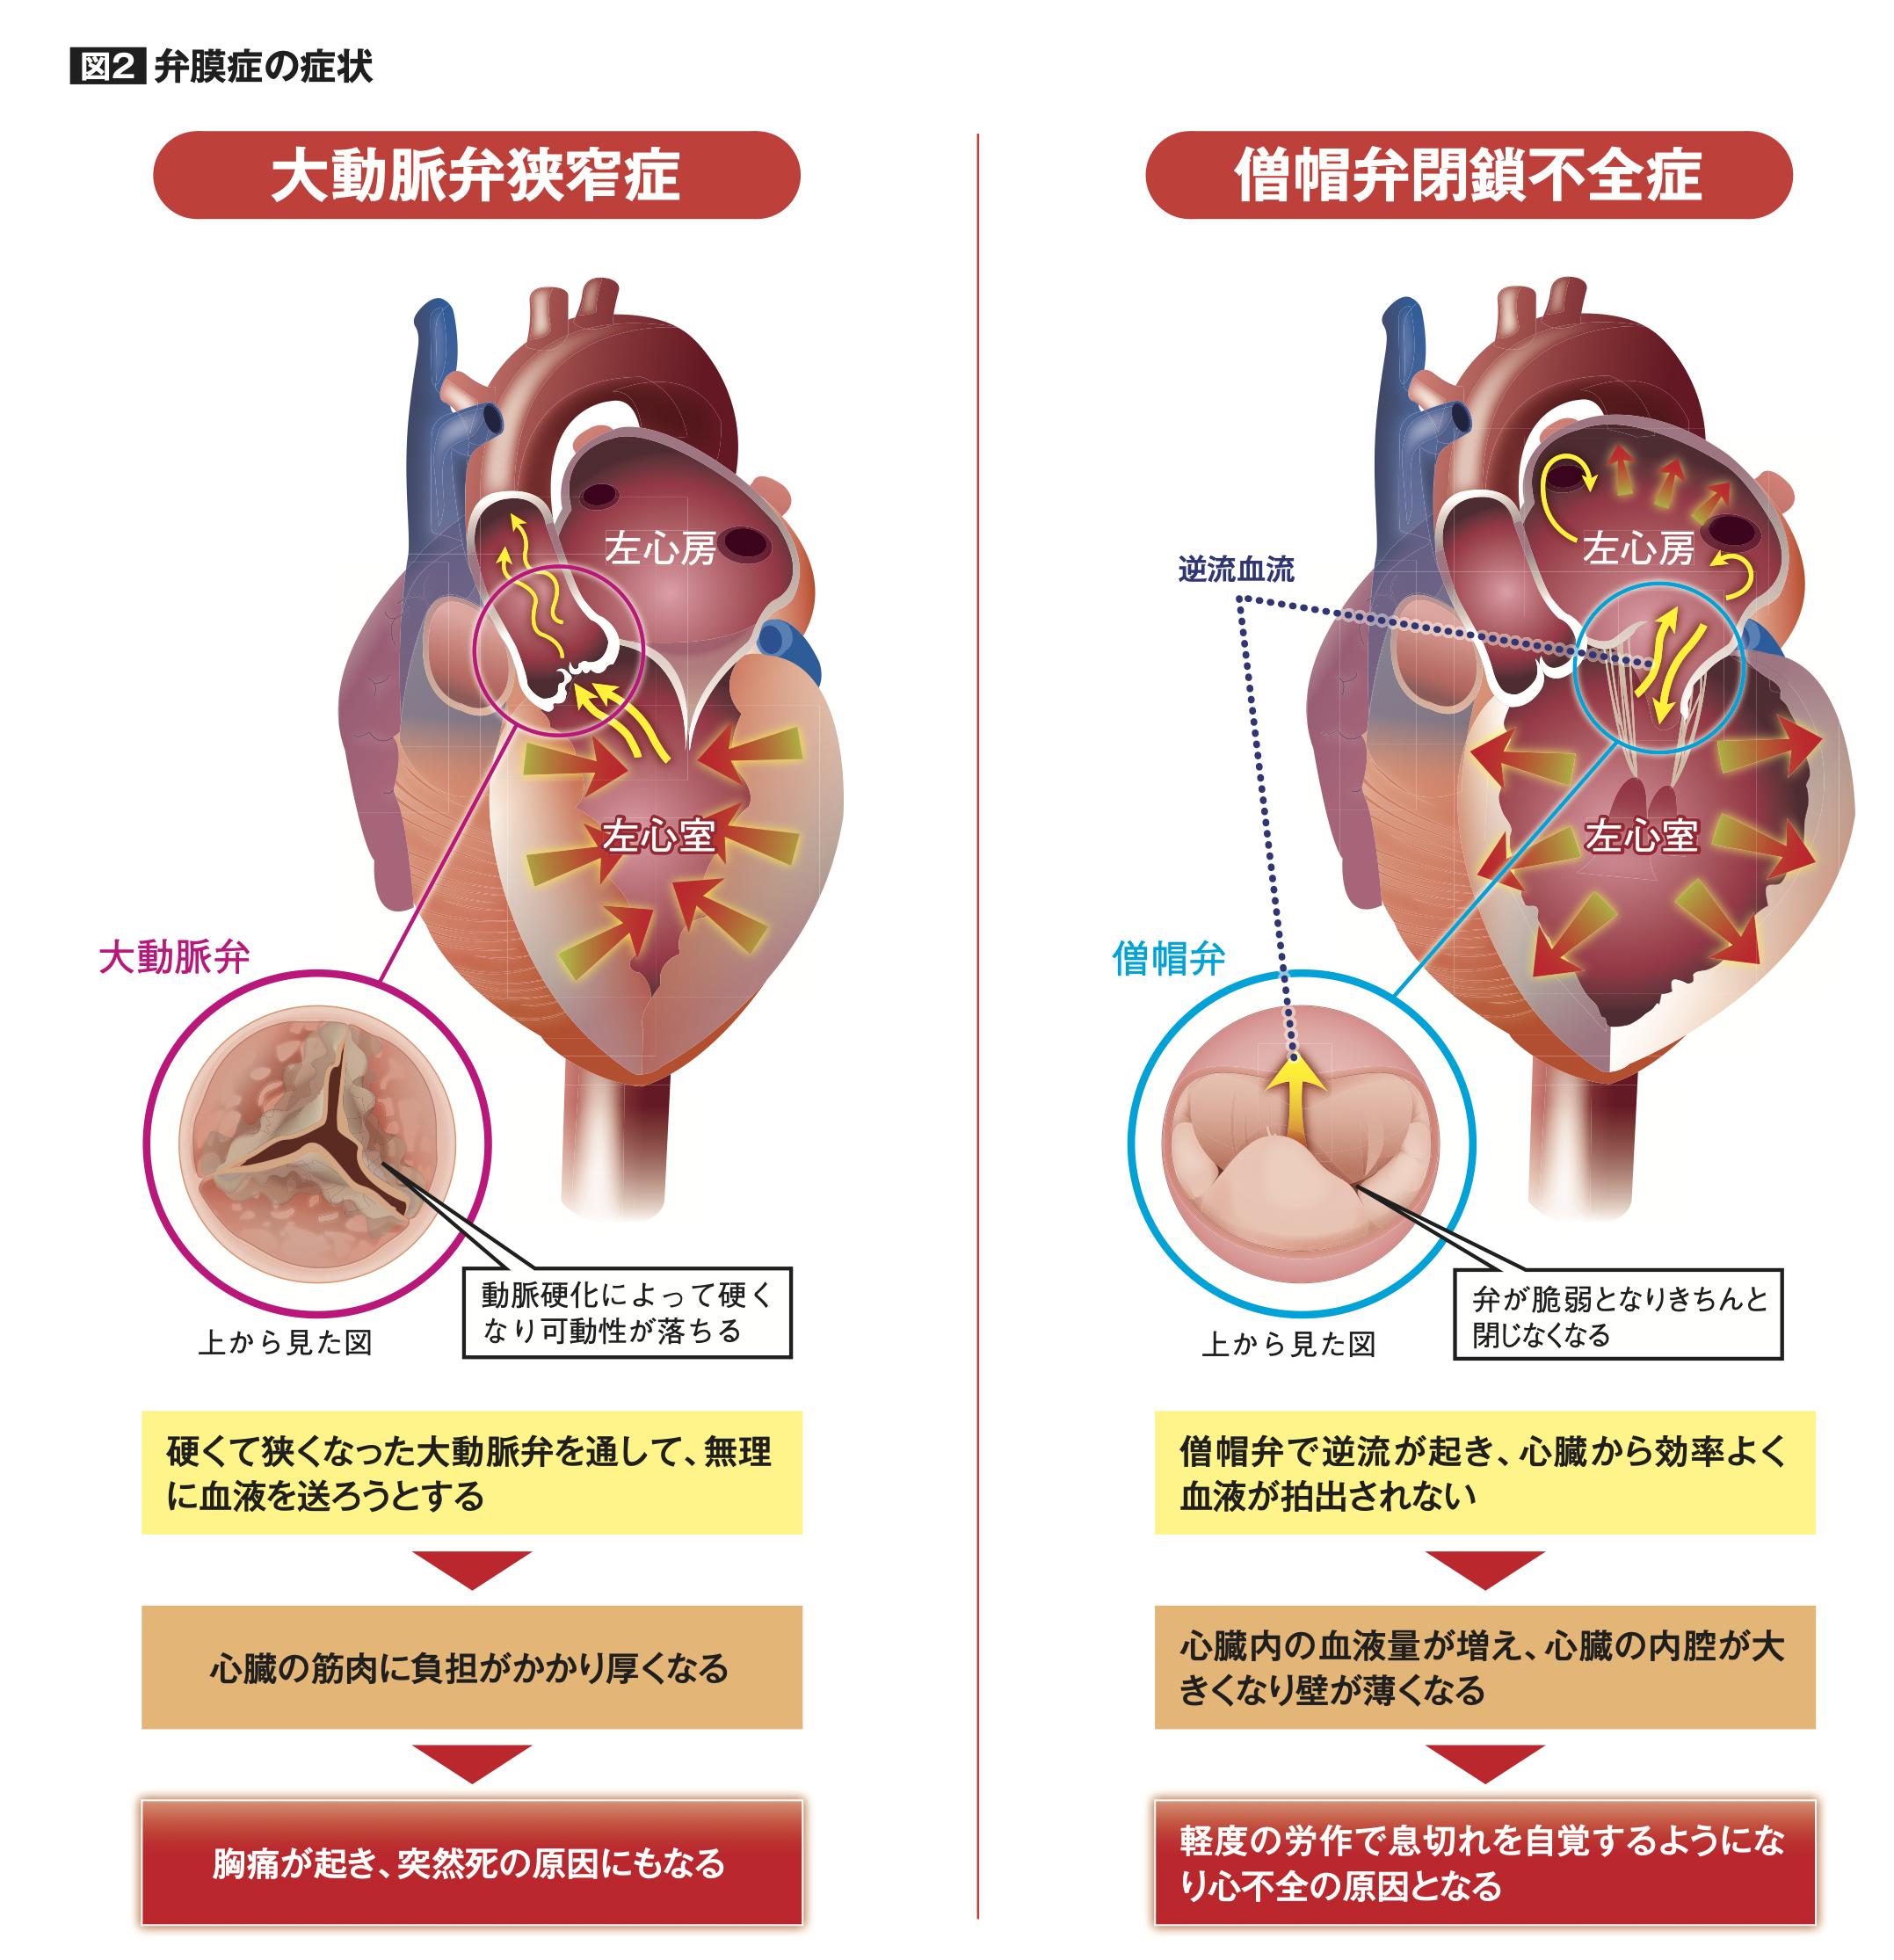 弁膜症の症状